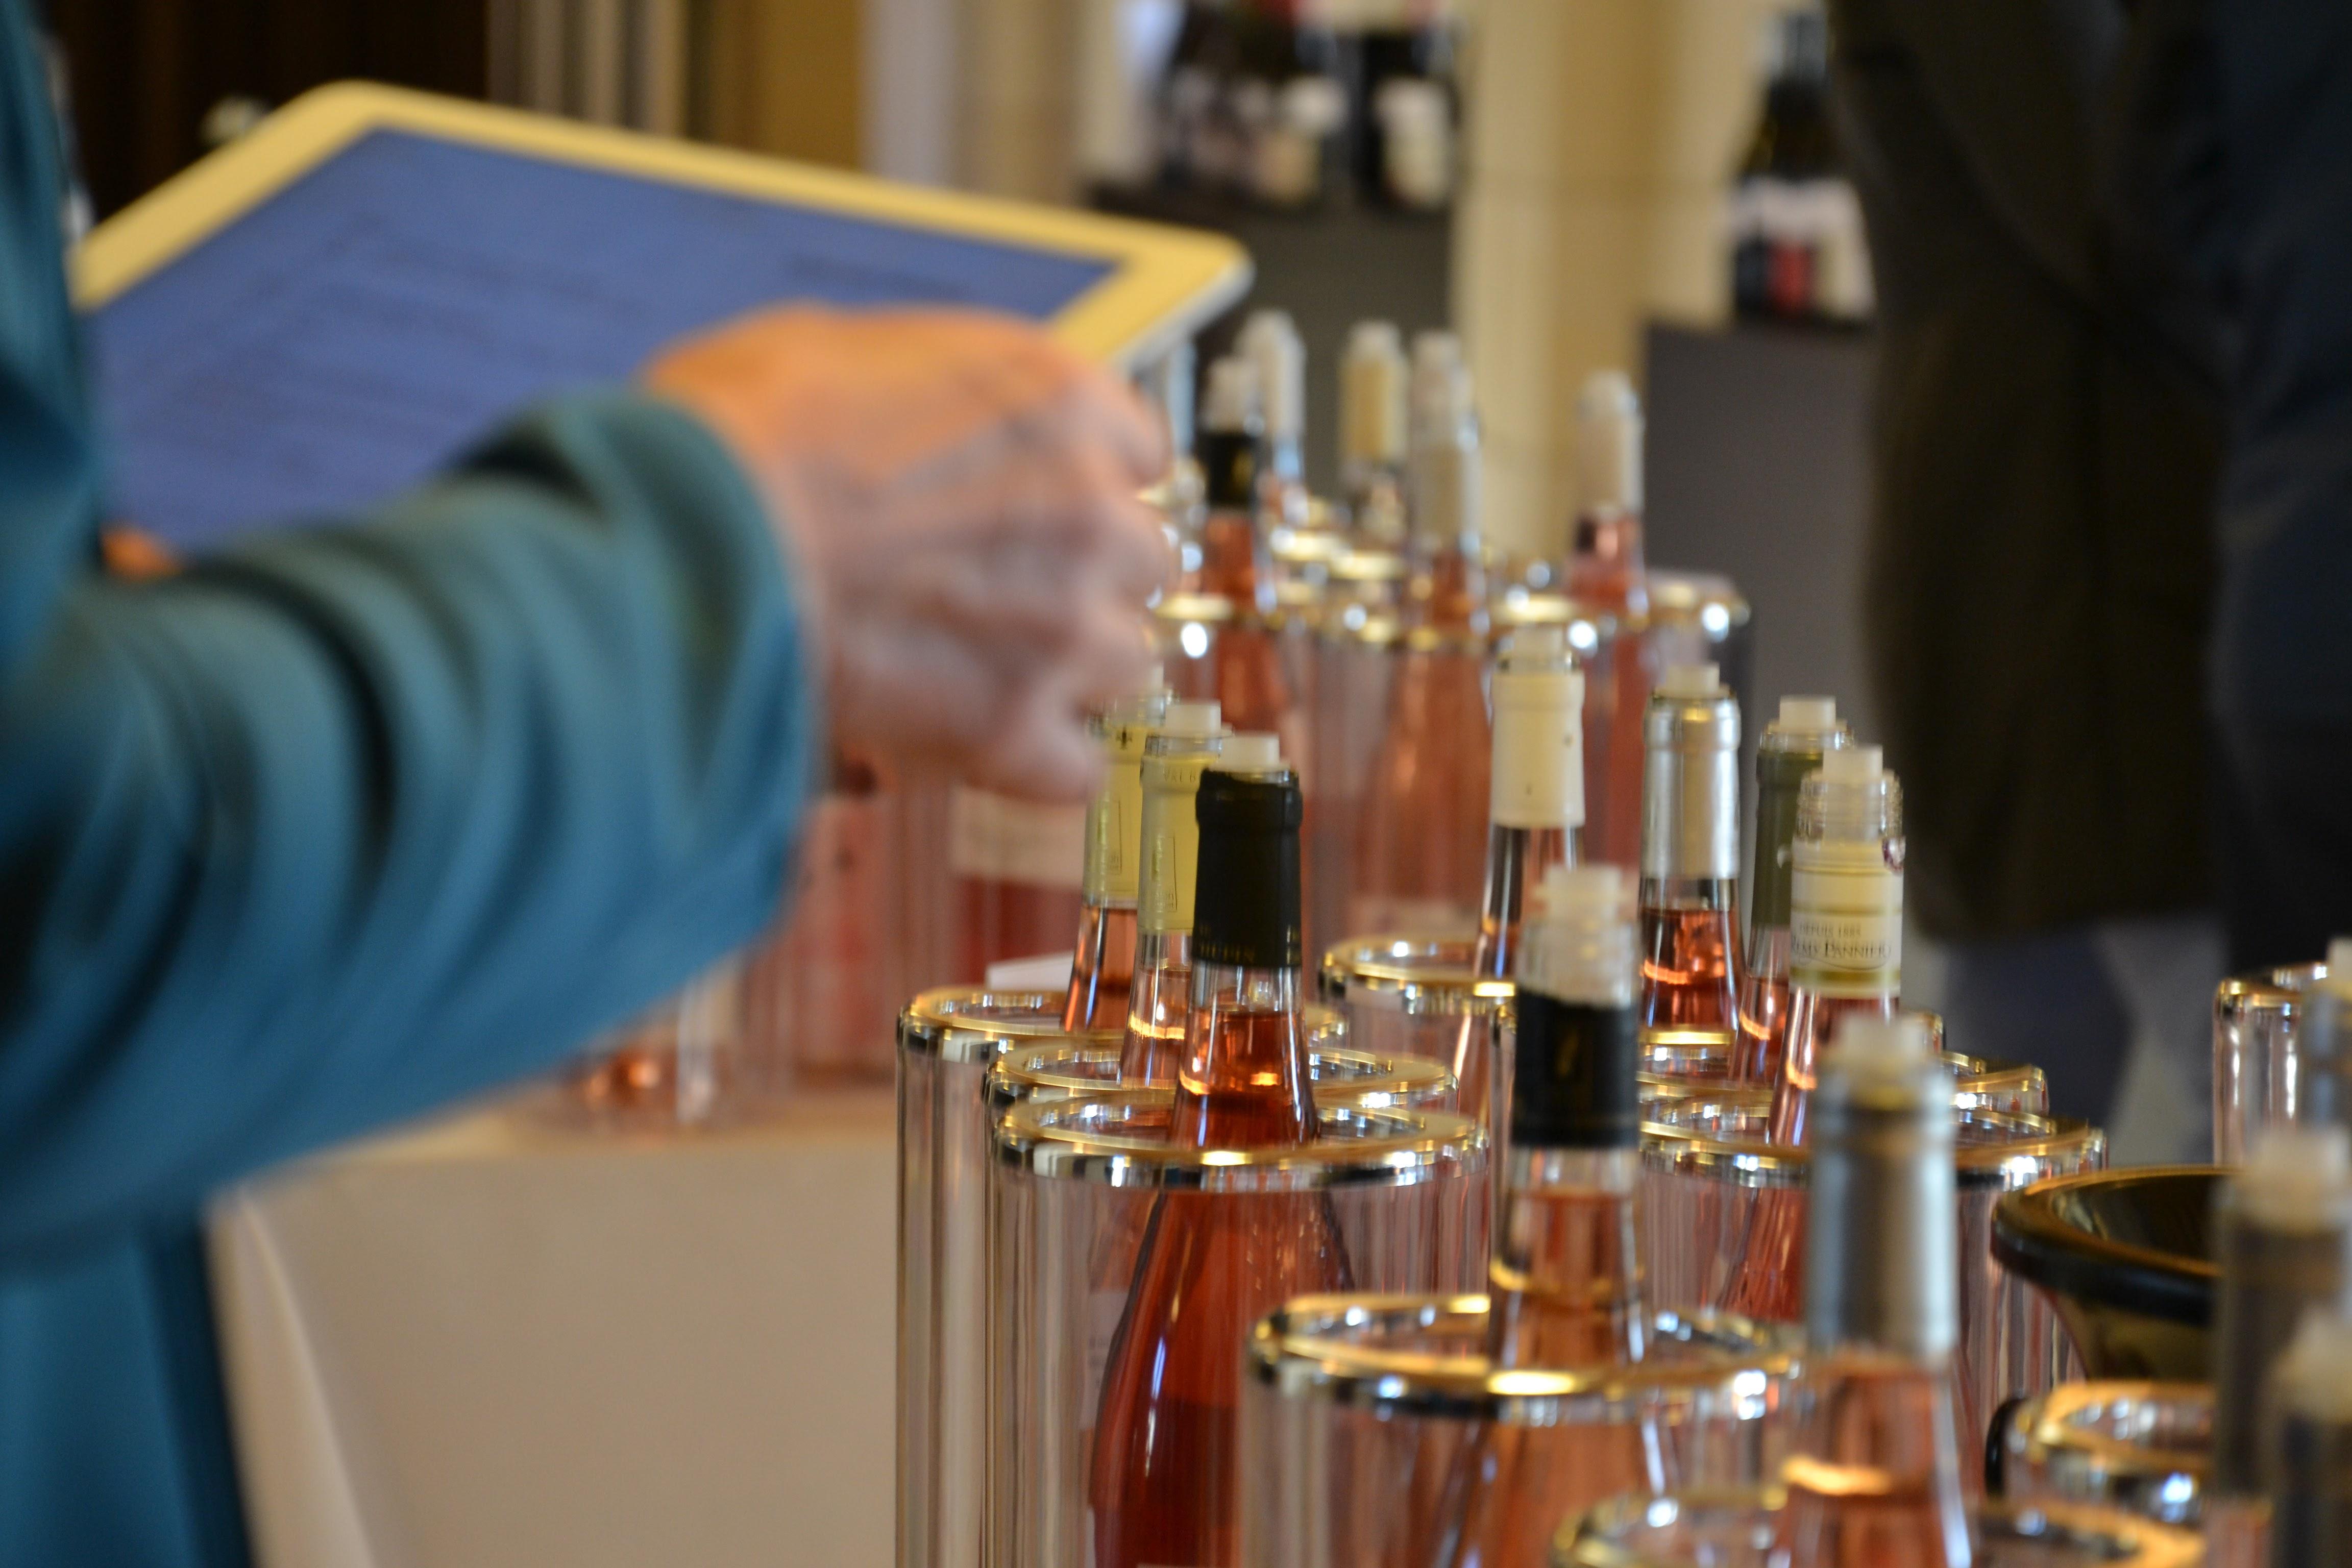 Loire Valley Wines tasting